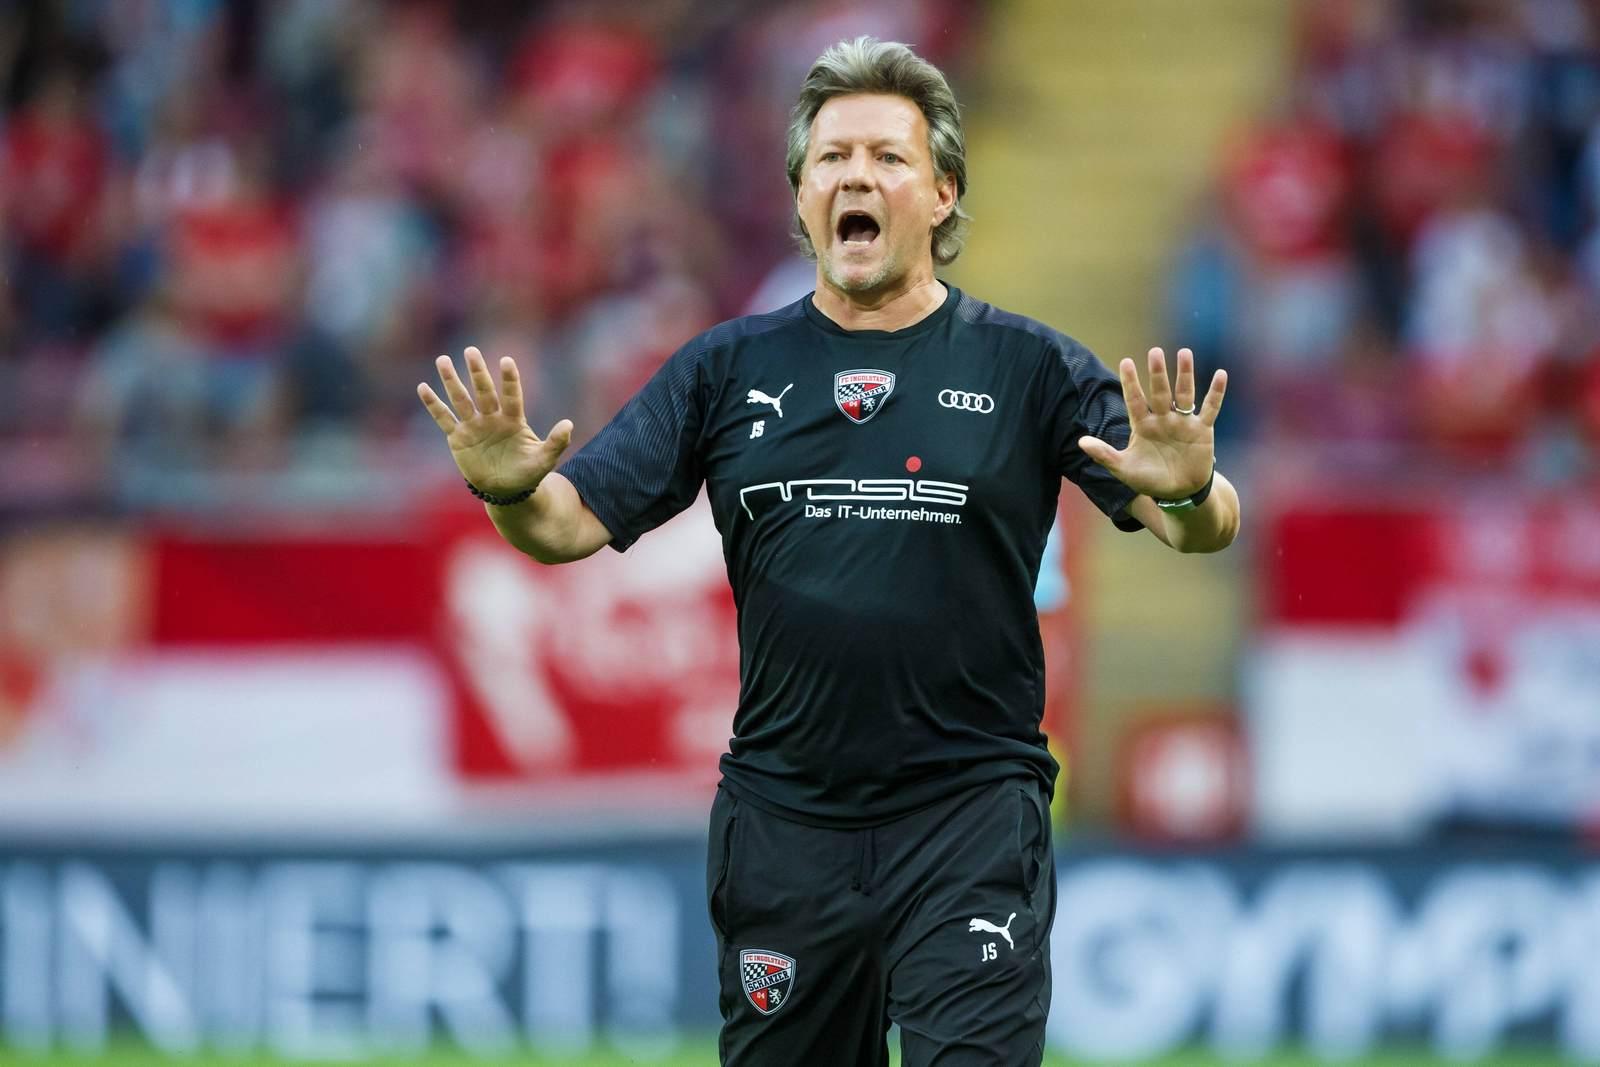 Jeff Saibene beim Spiel des FC Ingolstadt in Kaiserslautern